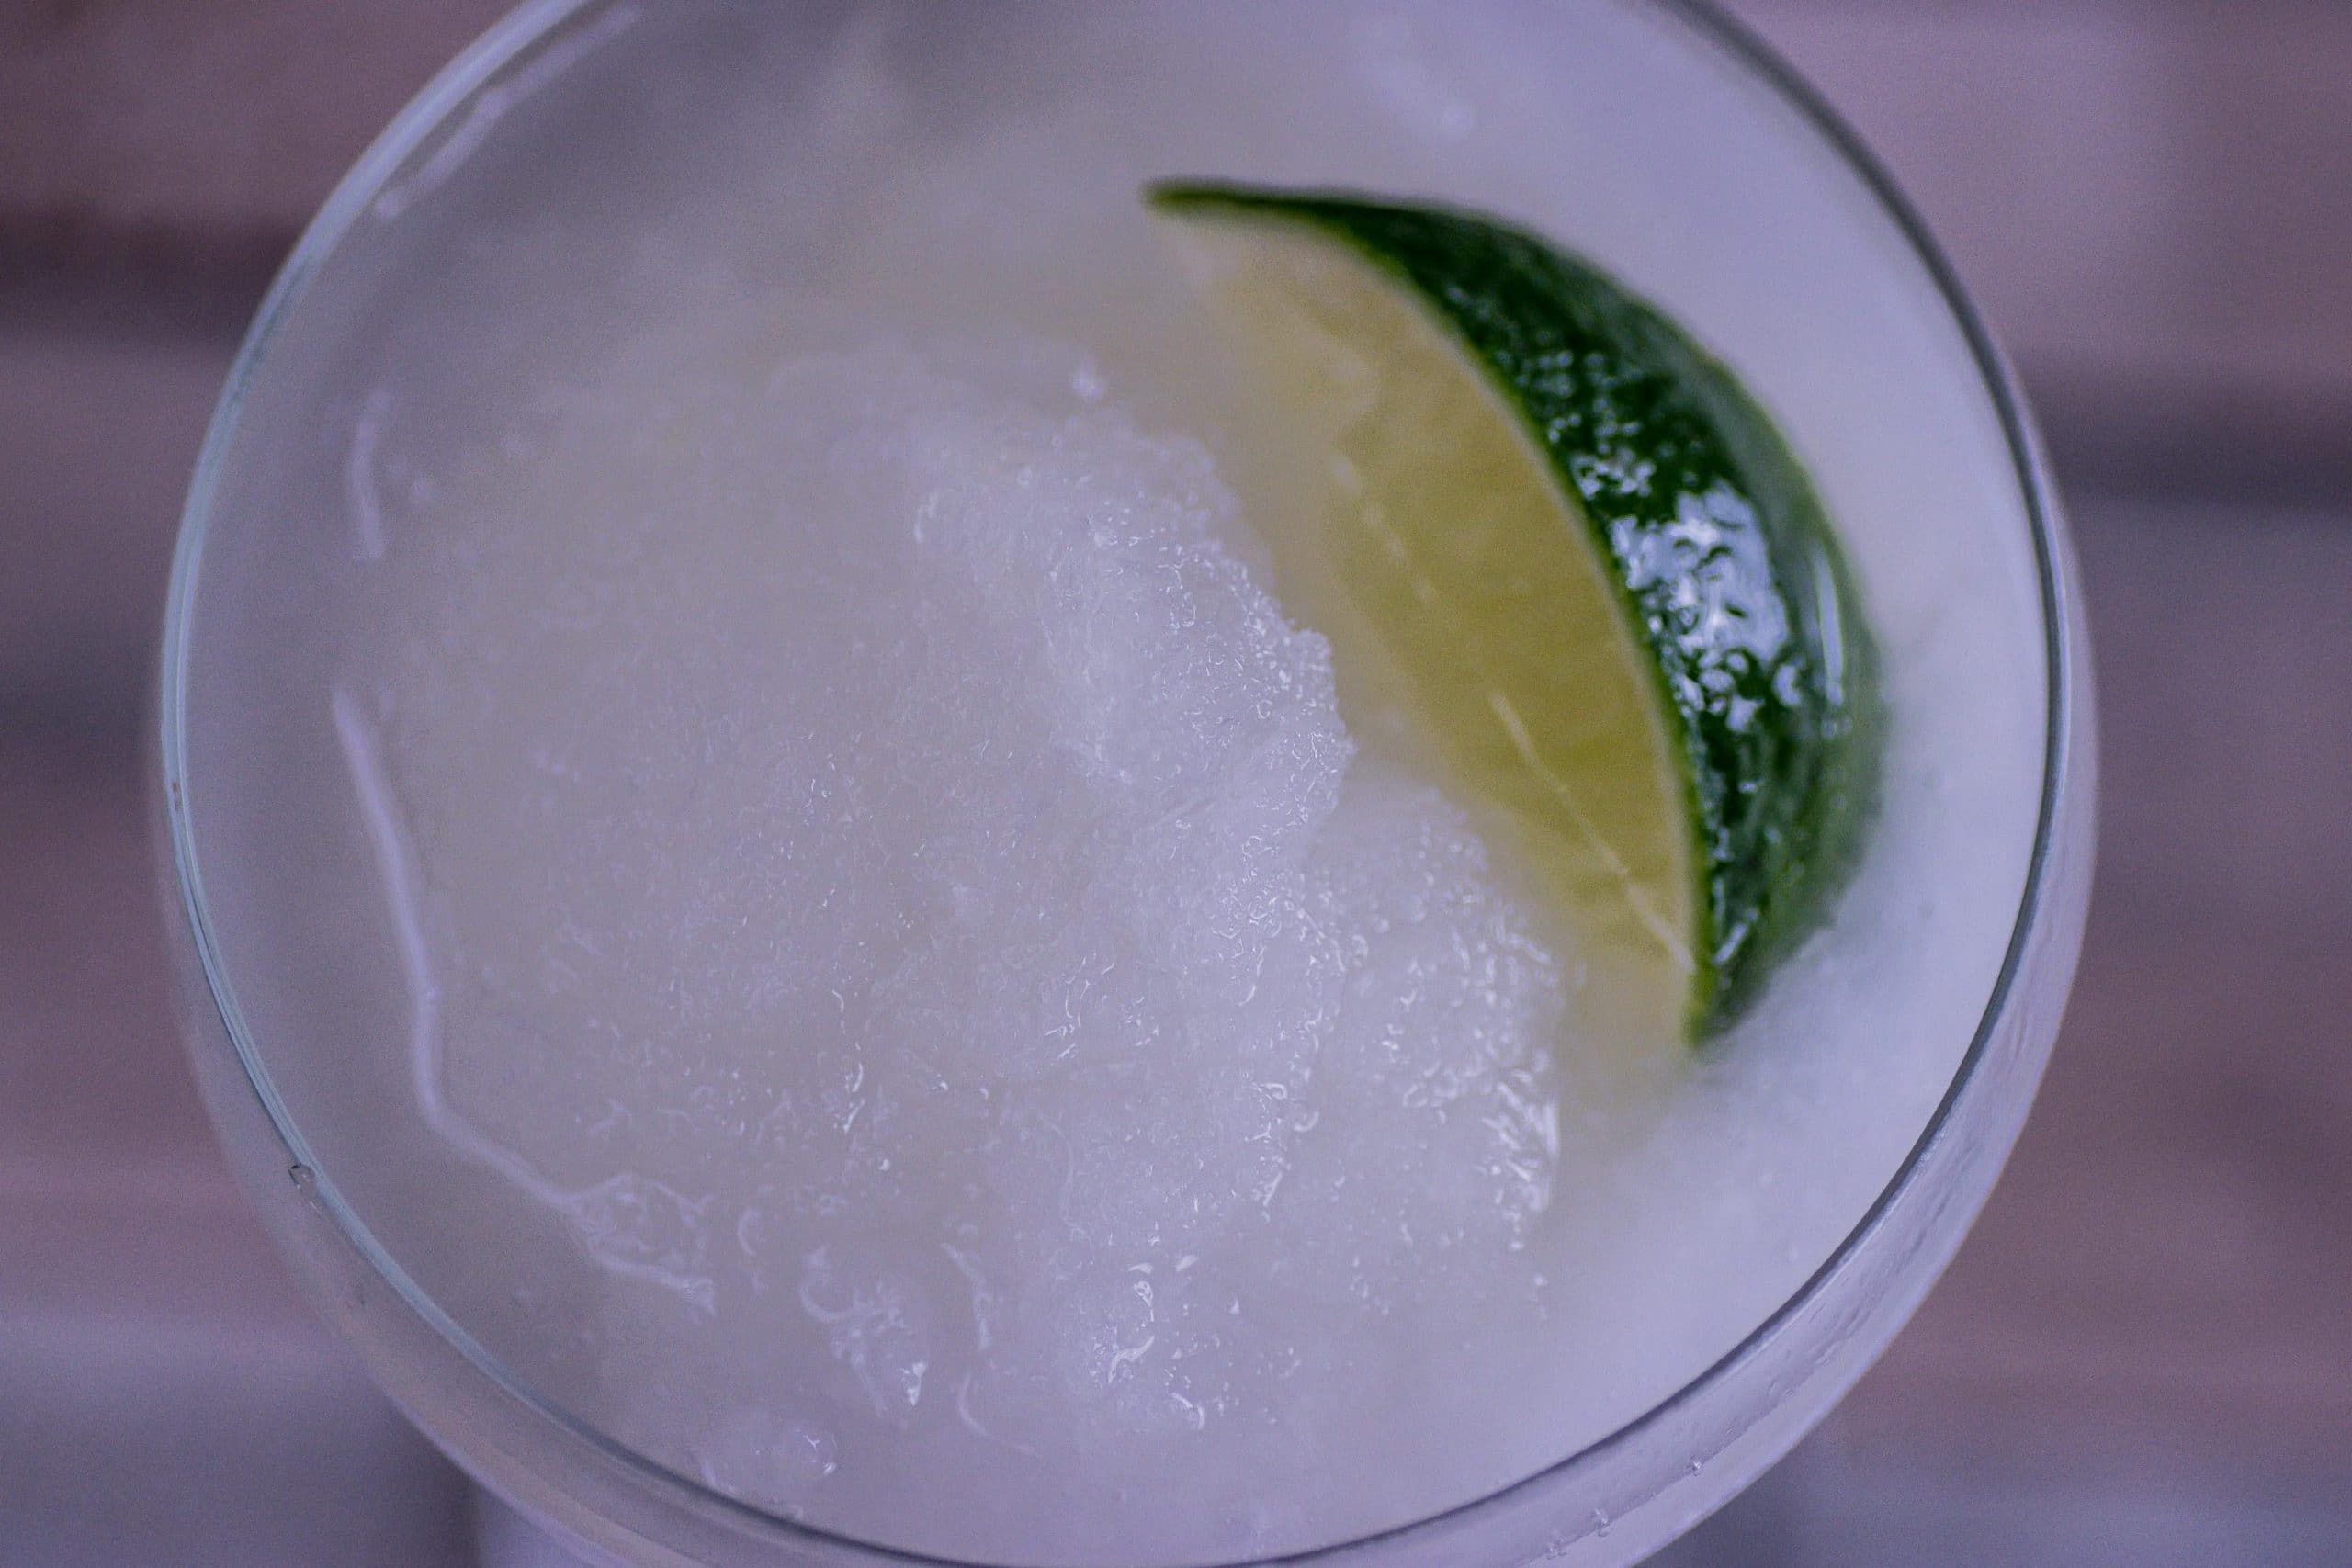 Frozen Margarita-Cocktail von oben.